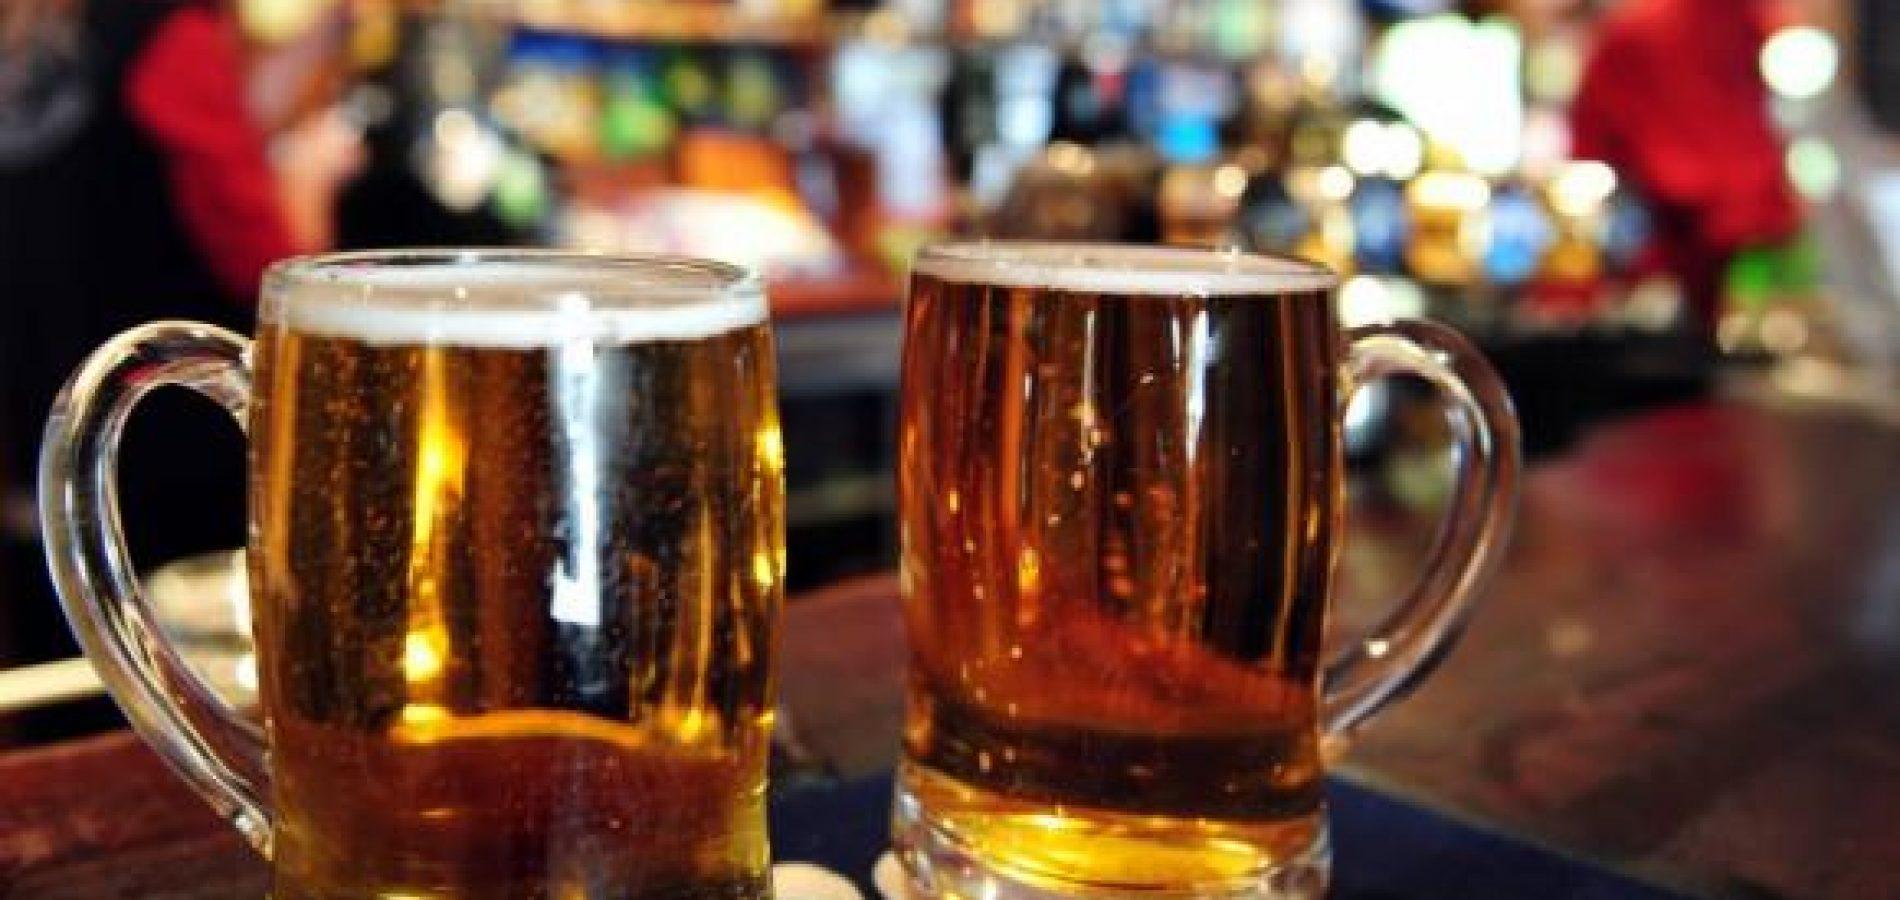 Nunca faltou tanta cerveja nos supermercados brasileiros quanto na pandemia